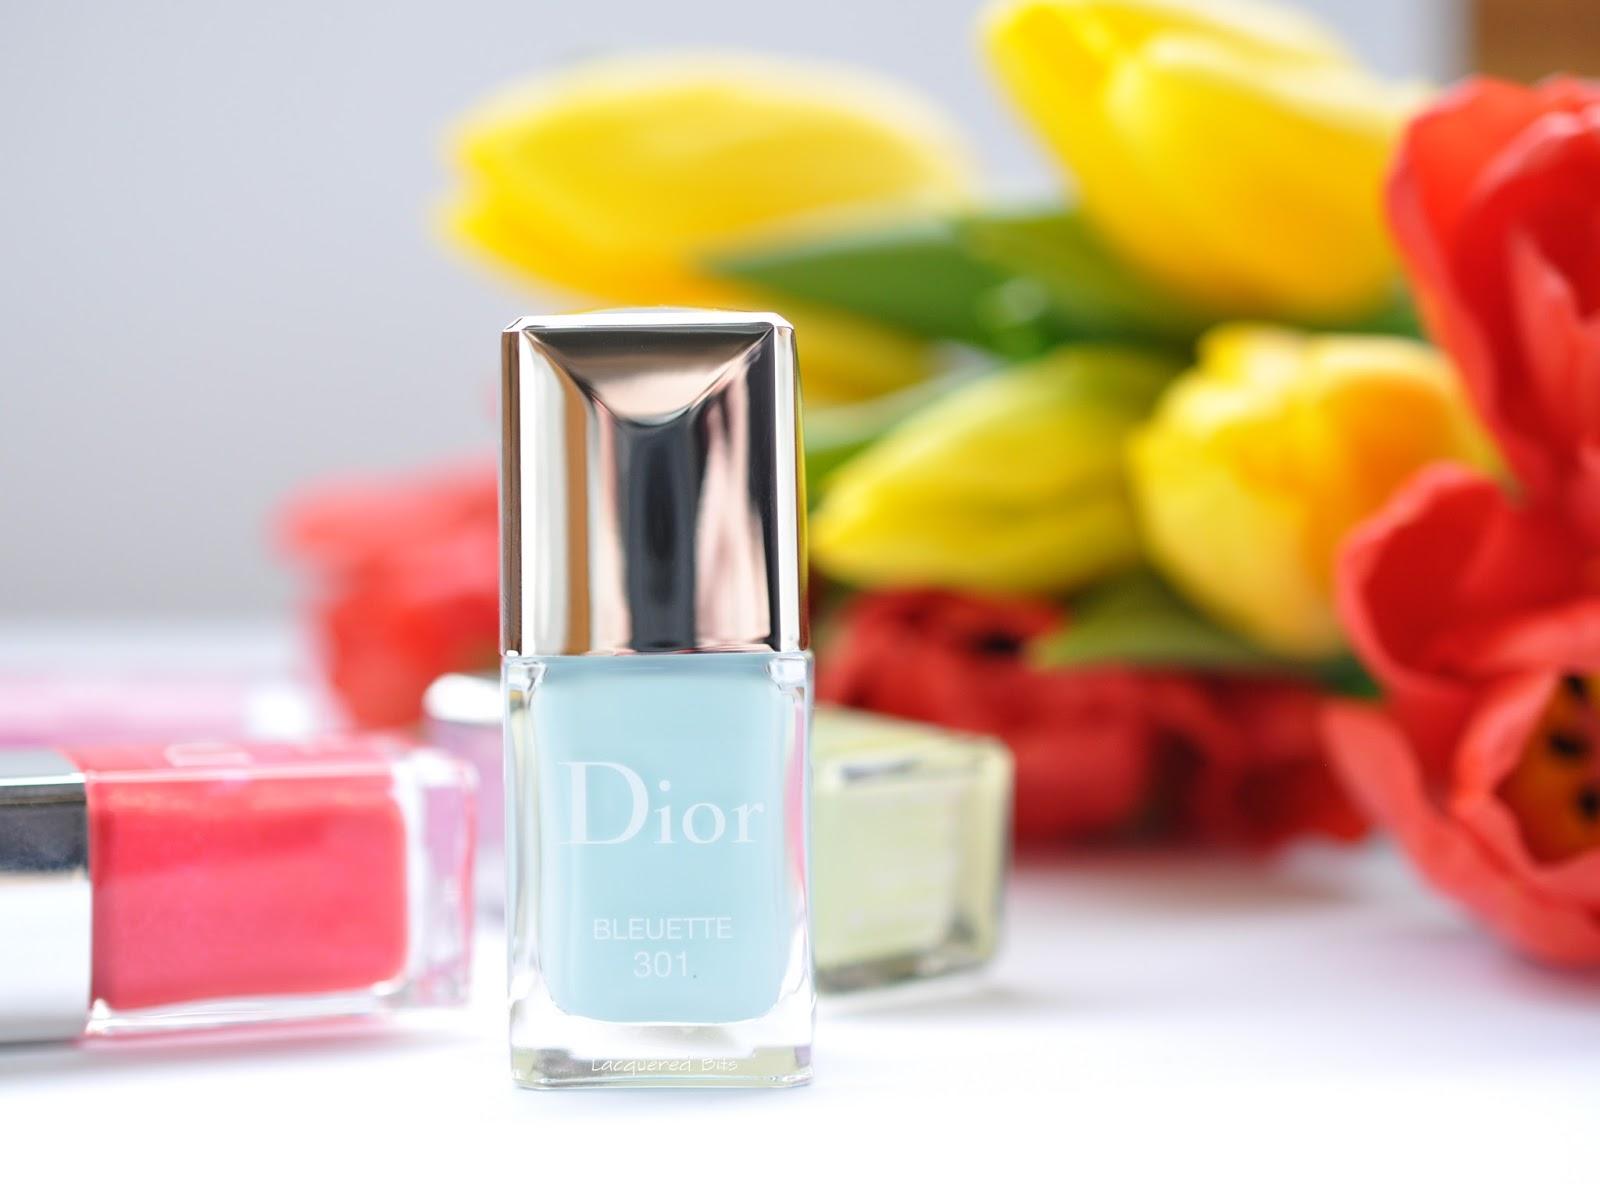 Bleuette - Dior Spring 2016 Glowing Gardens